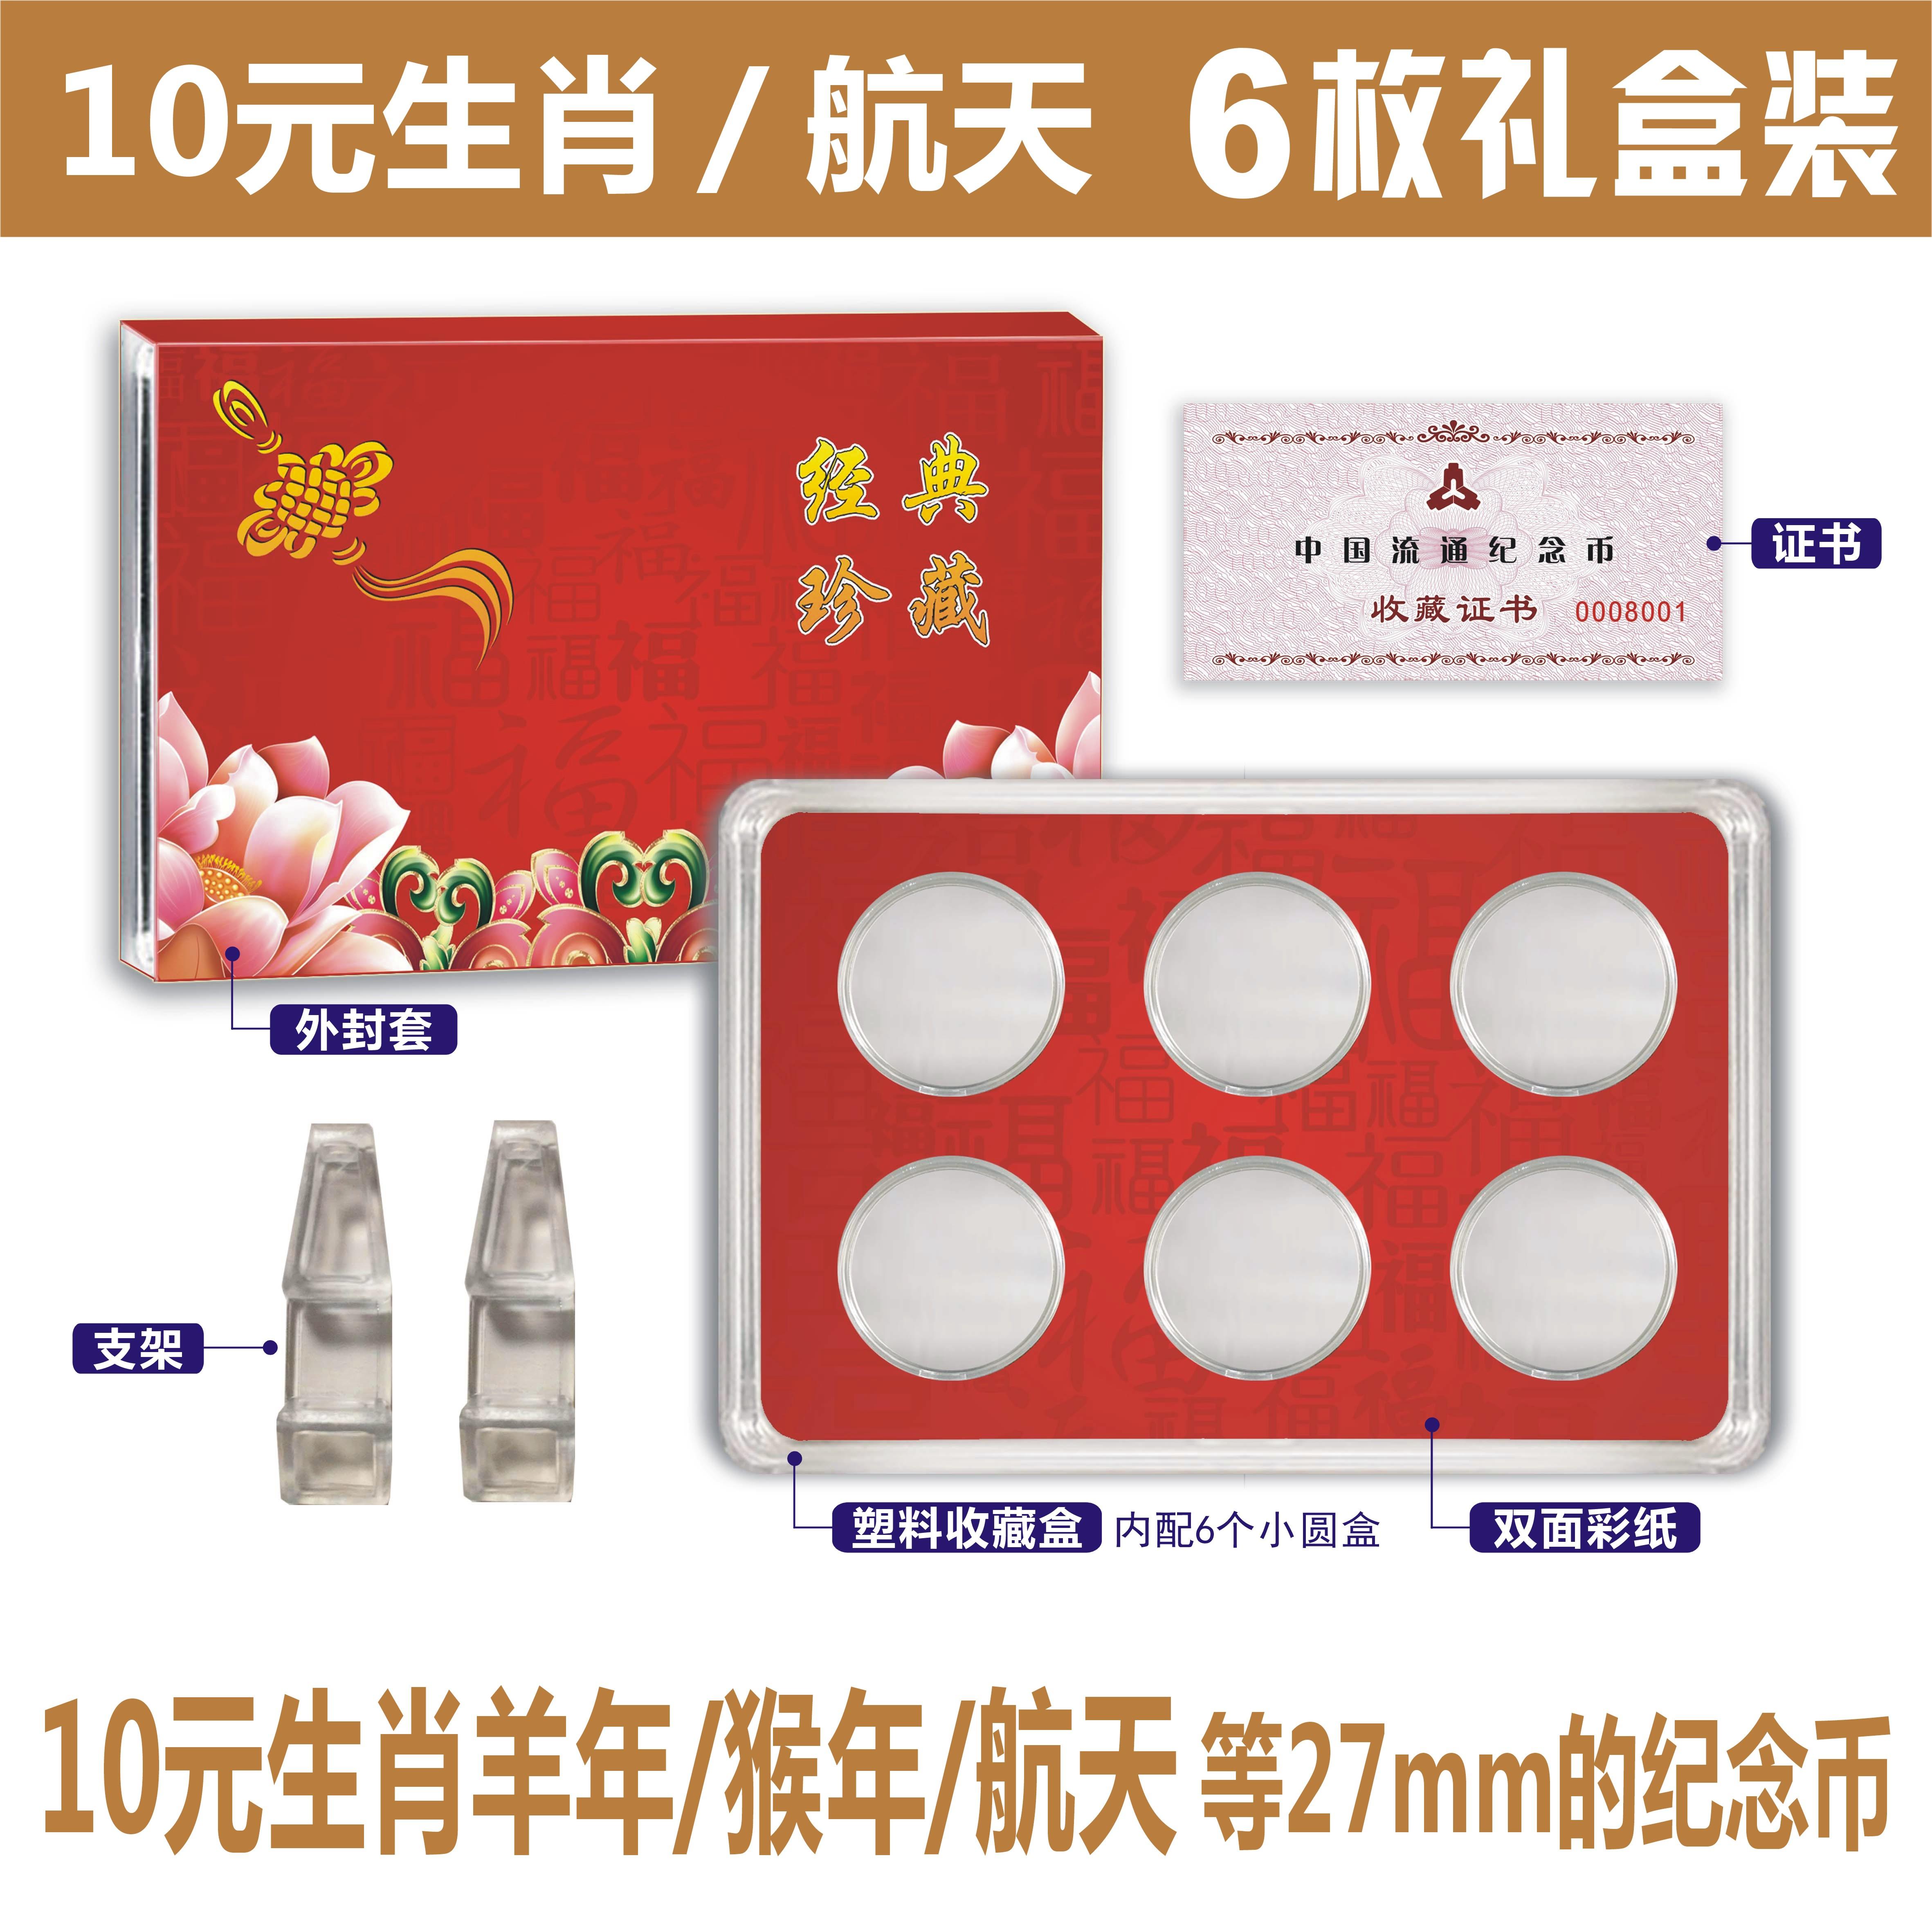 空盒二羊/二猴/航天纪念币6枚装礼盒六枚装保护盒10元27mm小圆盒